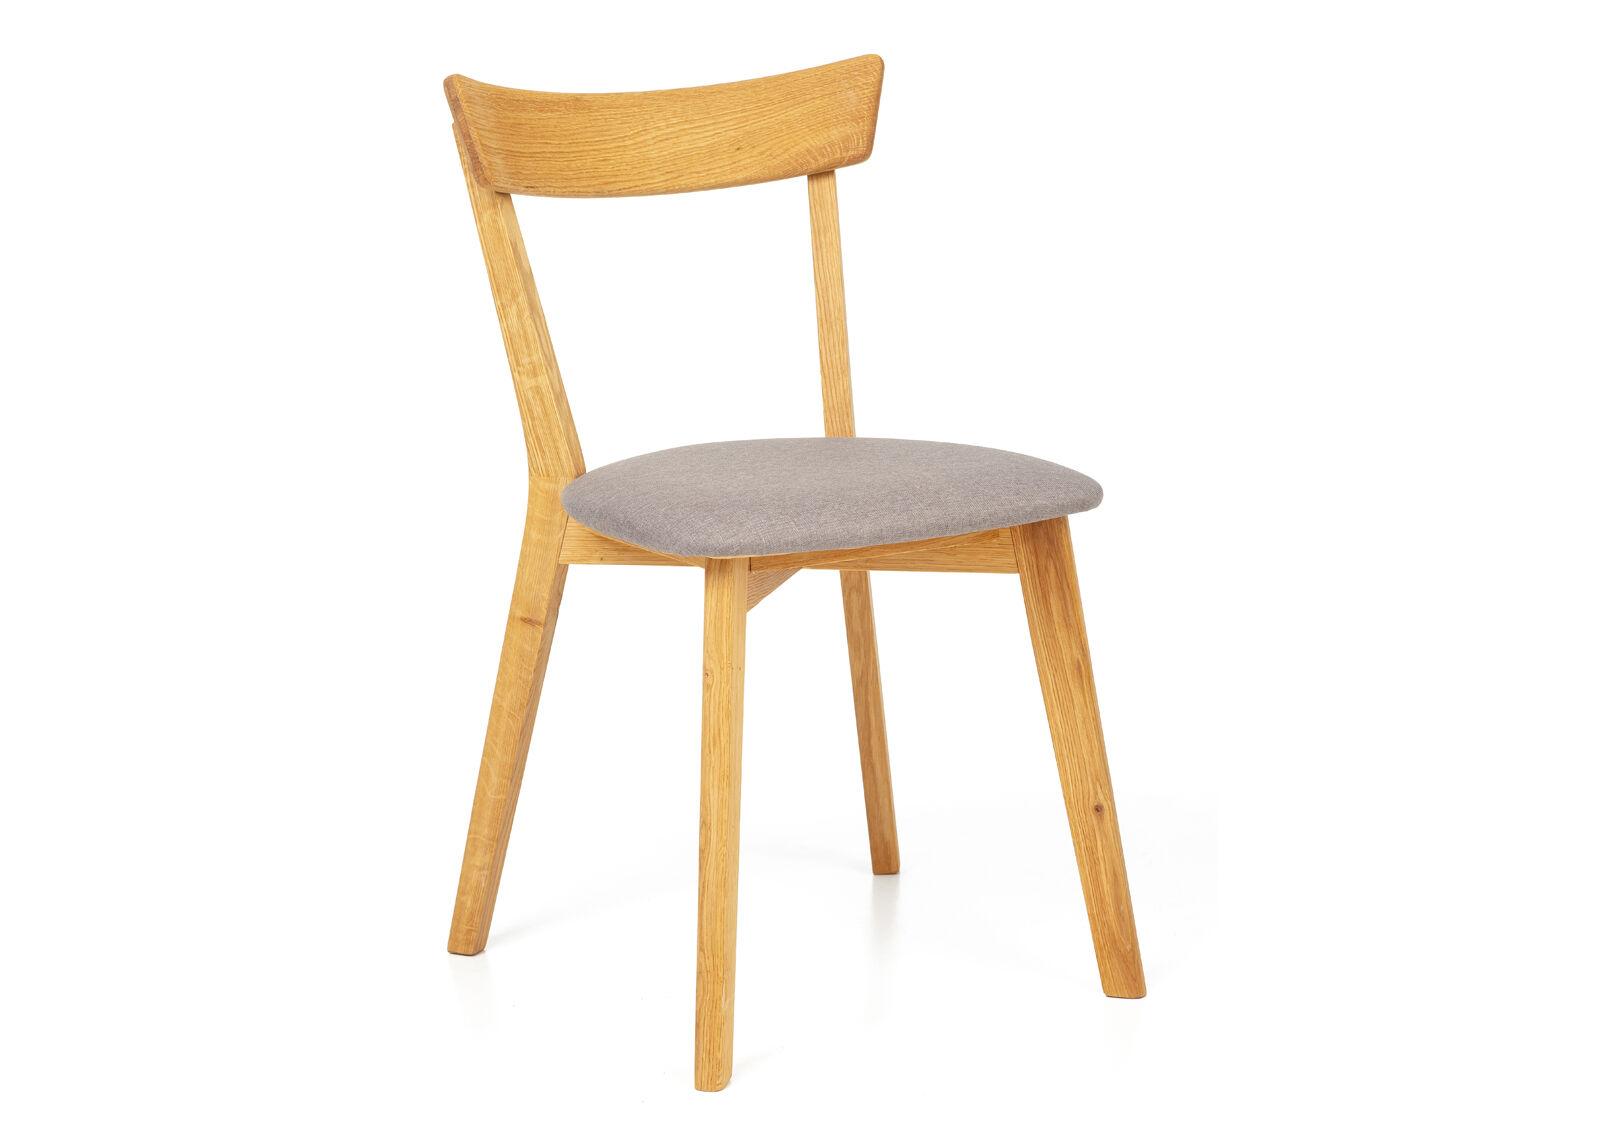 Lem Tammi ruokapöytä Lem 90x90 cm + 2 tuolia Viola harmaa